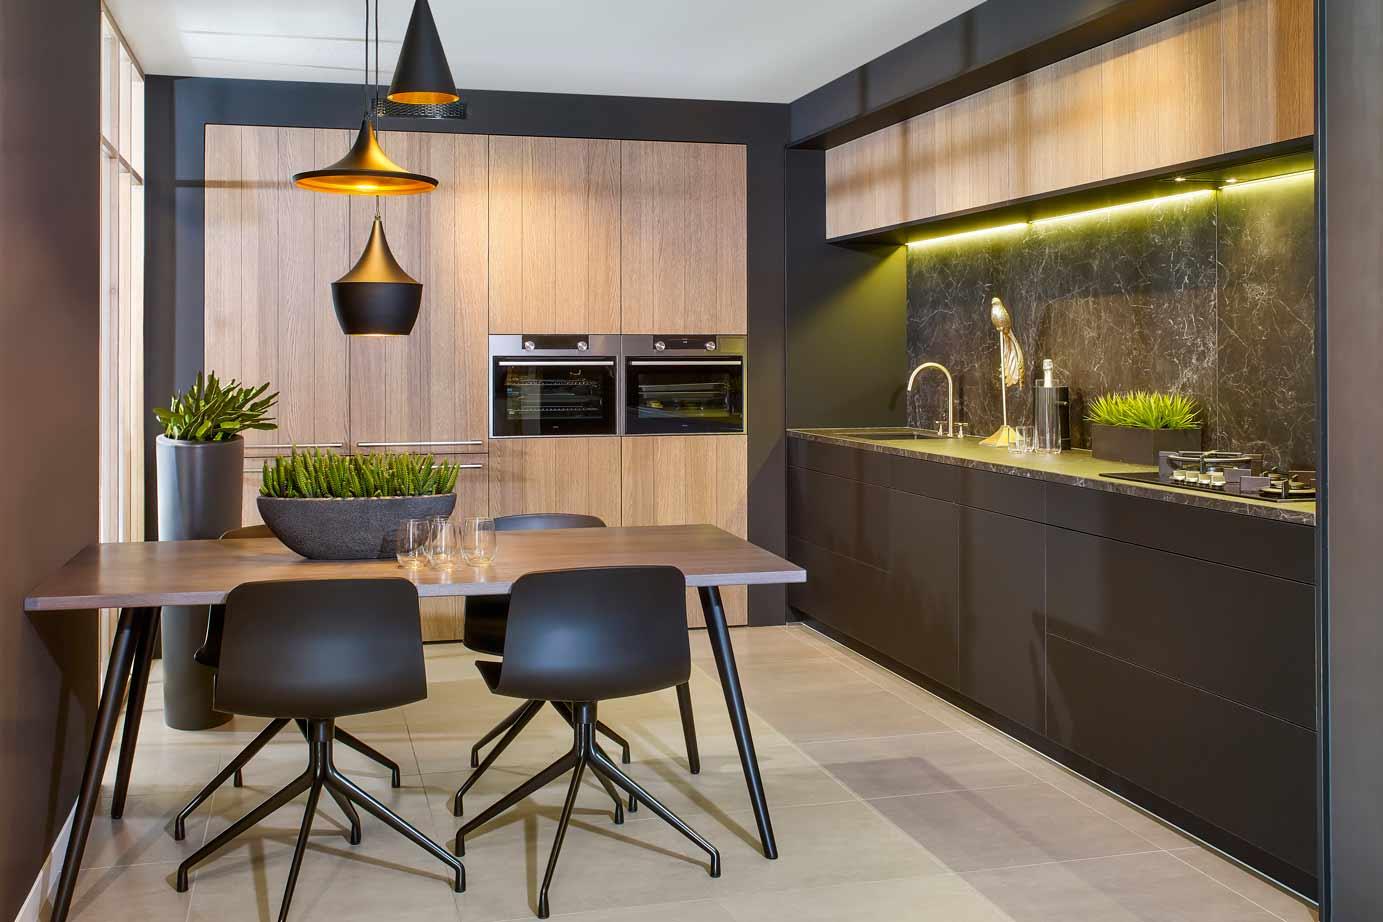 Mat Zwarte Keuken : Zwarte keukens krijg inspiratie door vele voorbeelden db keukens